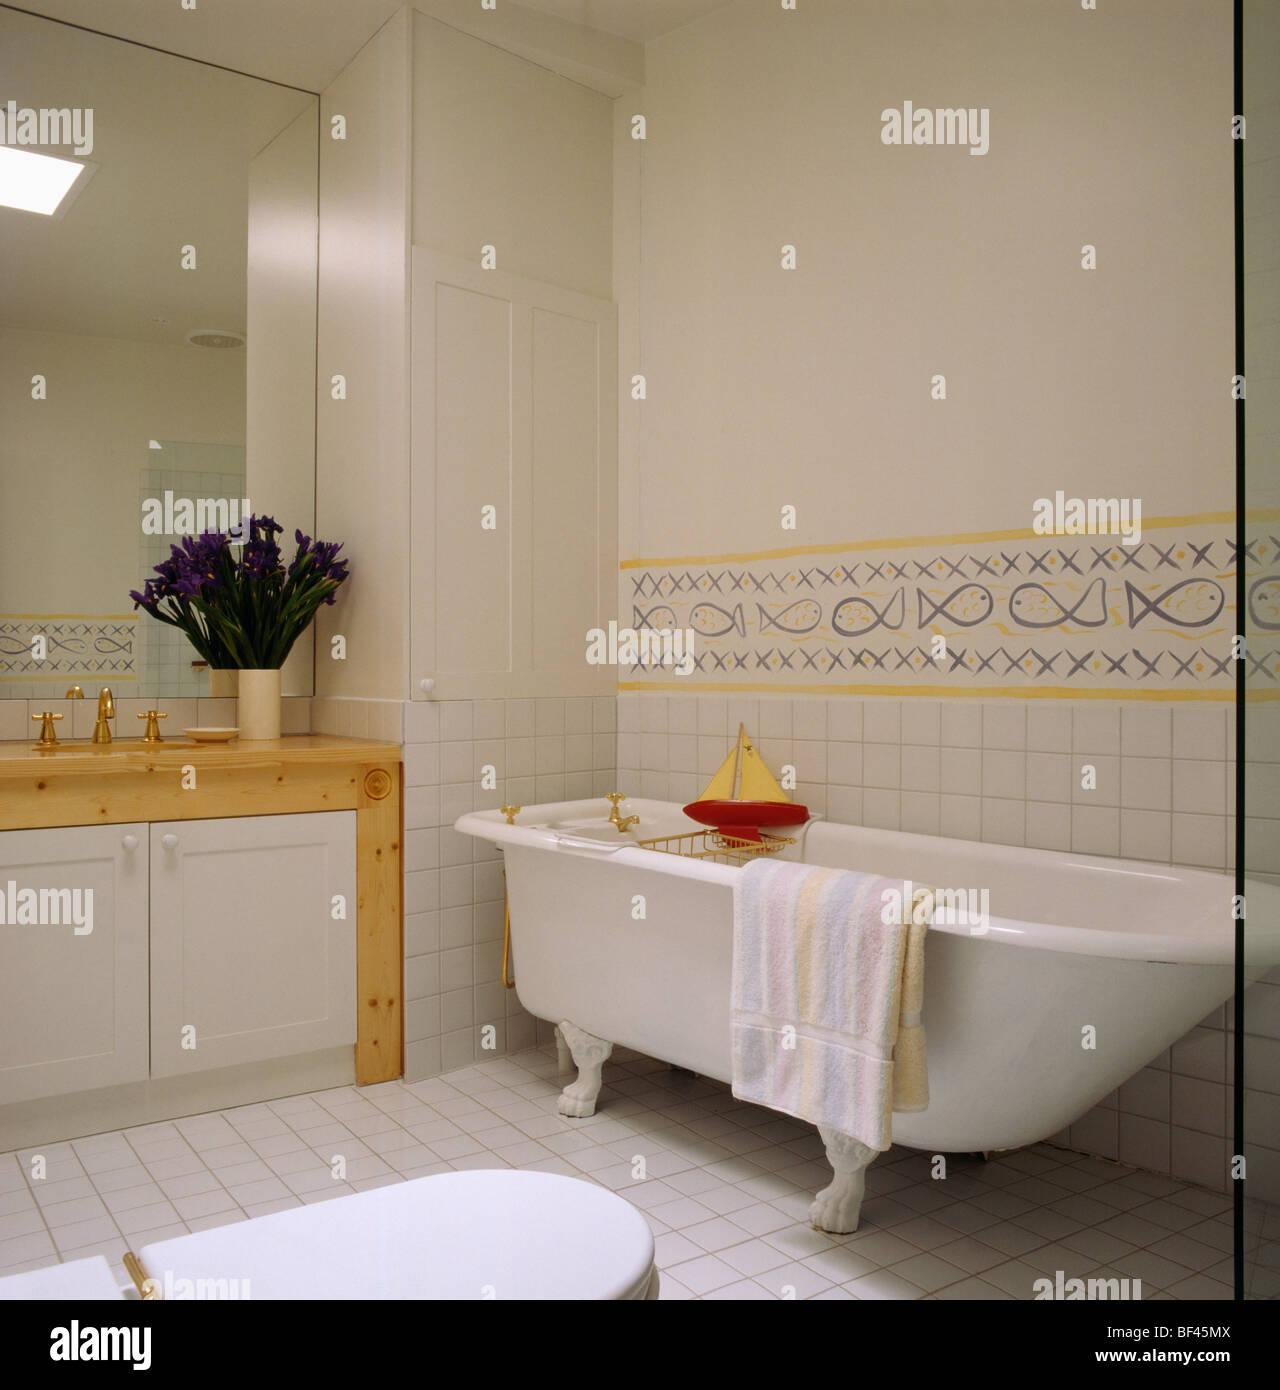 Une baignoire dans la salle de bains moderne avec sol carrelé jaune ...